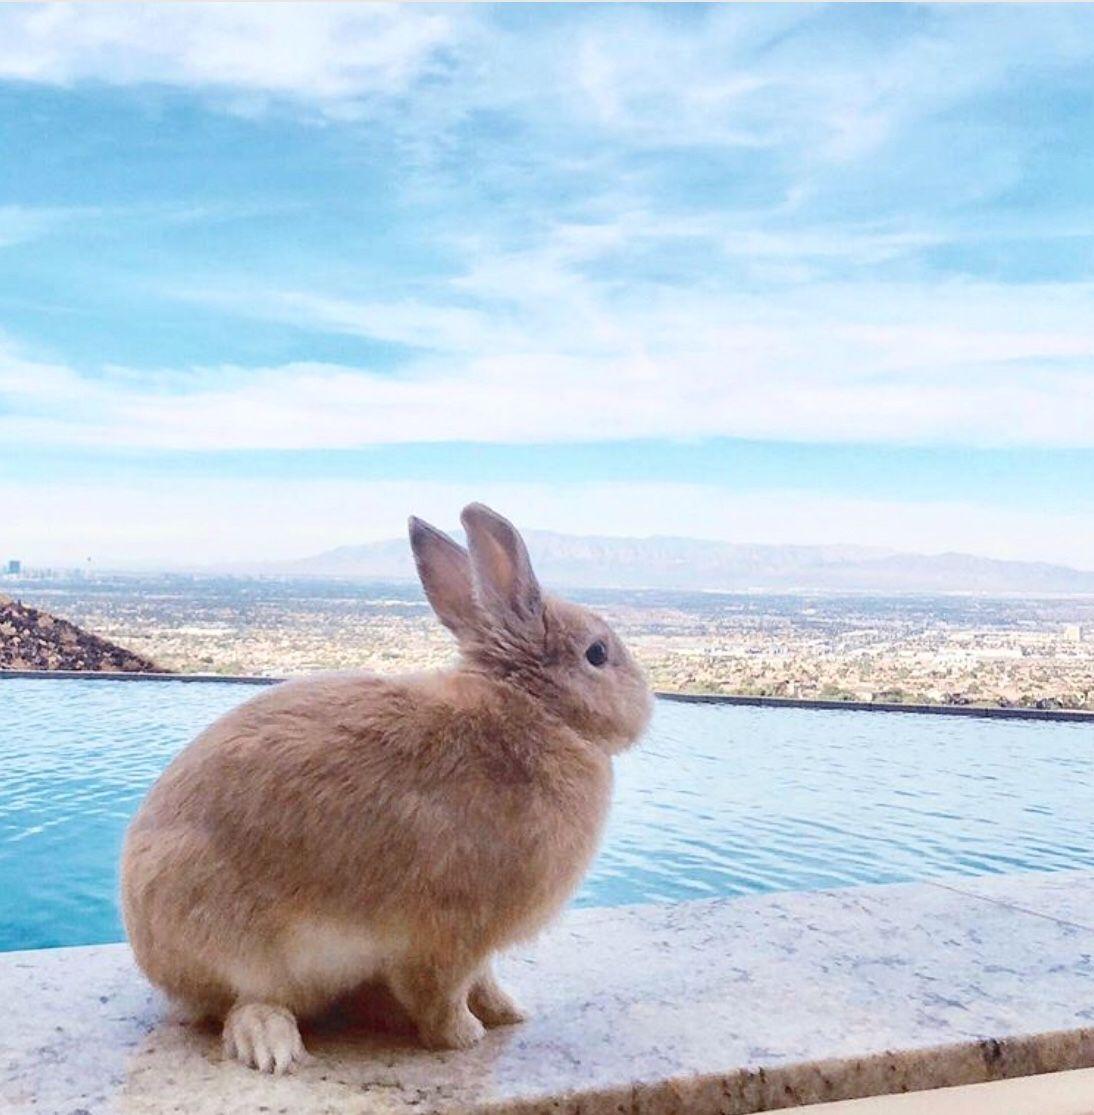 Pin by Adam Burt on Rabbits Cute animals, Baby animals